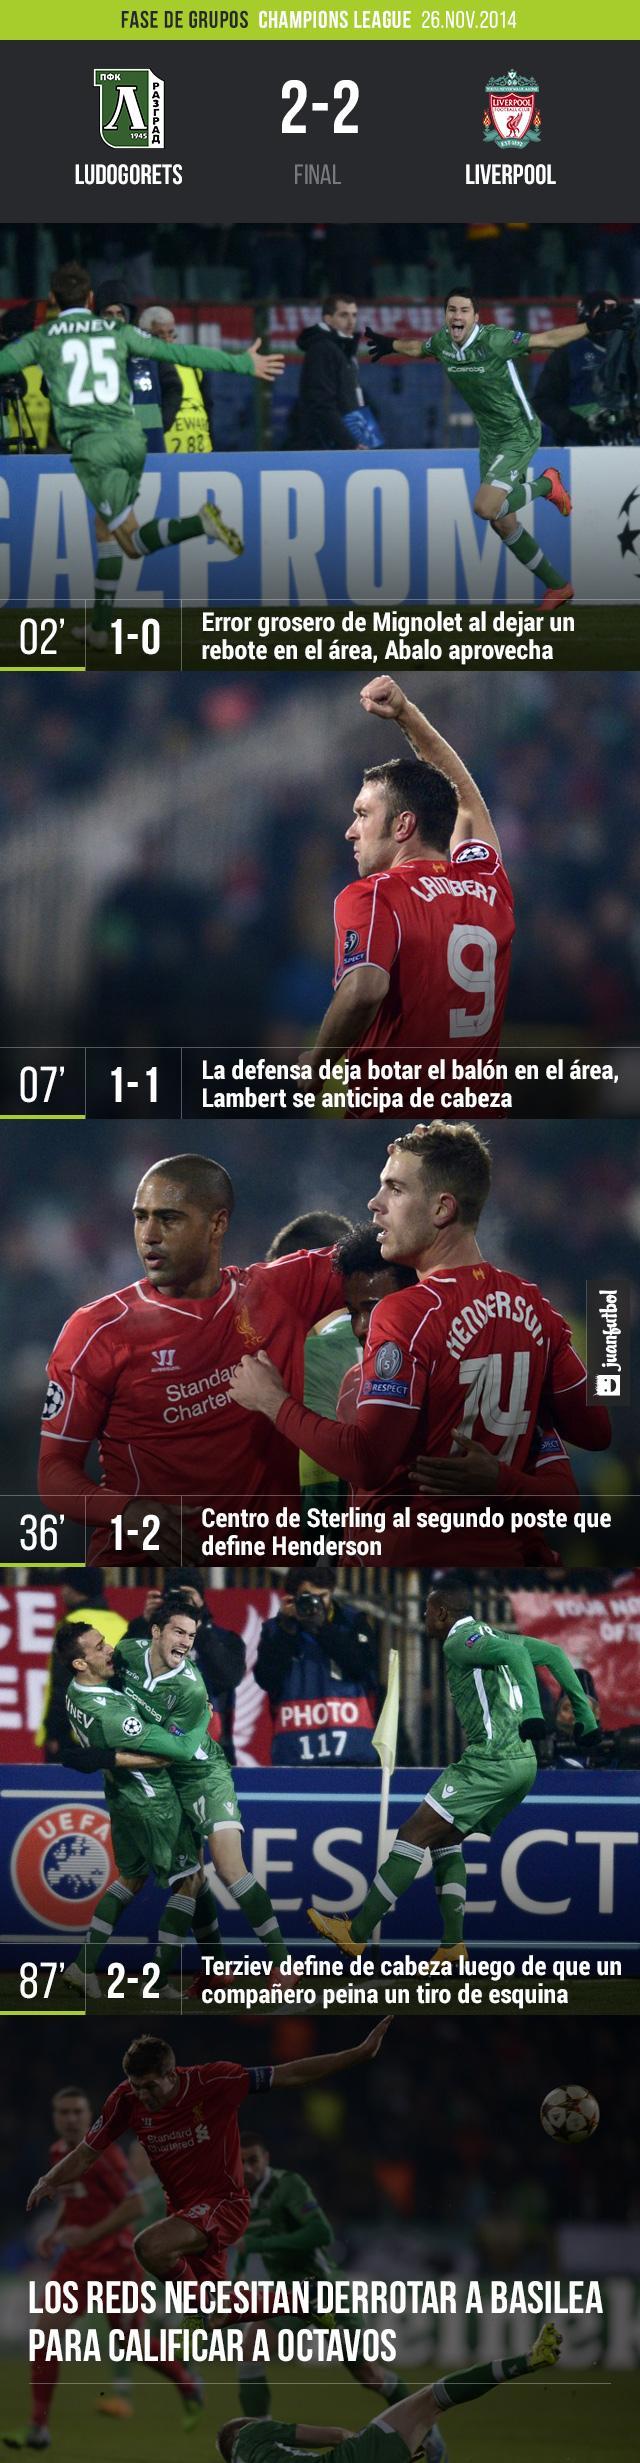 Ludogorets empata al Liverpool 2-2 a tres minutos del final en la Champions League